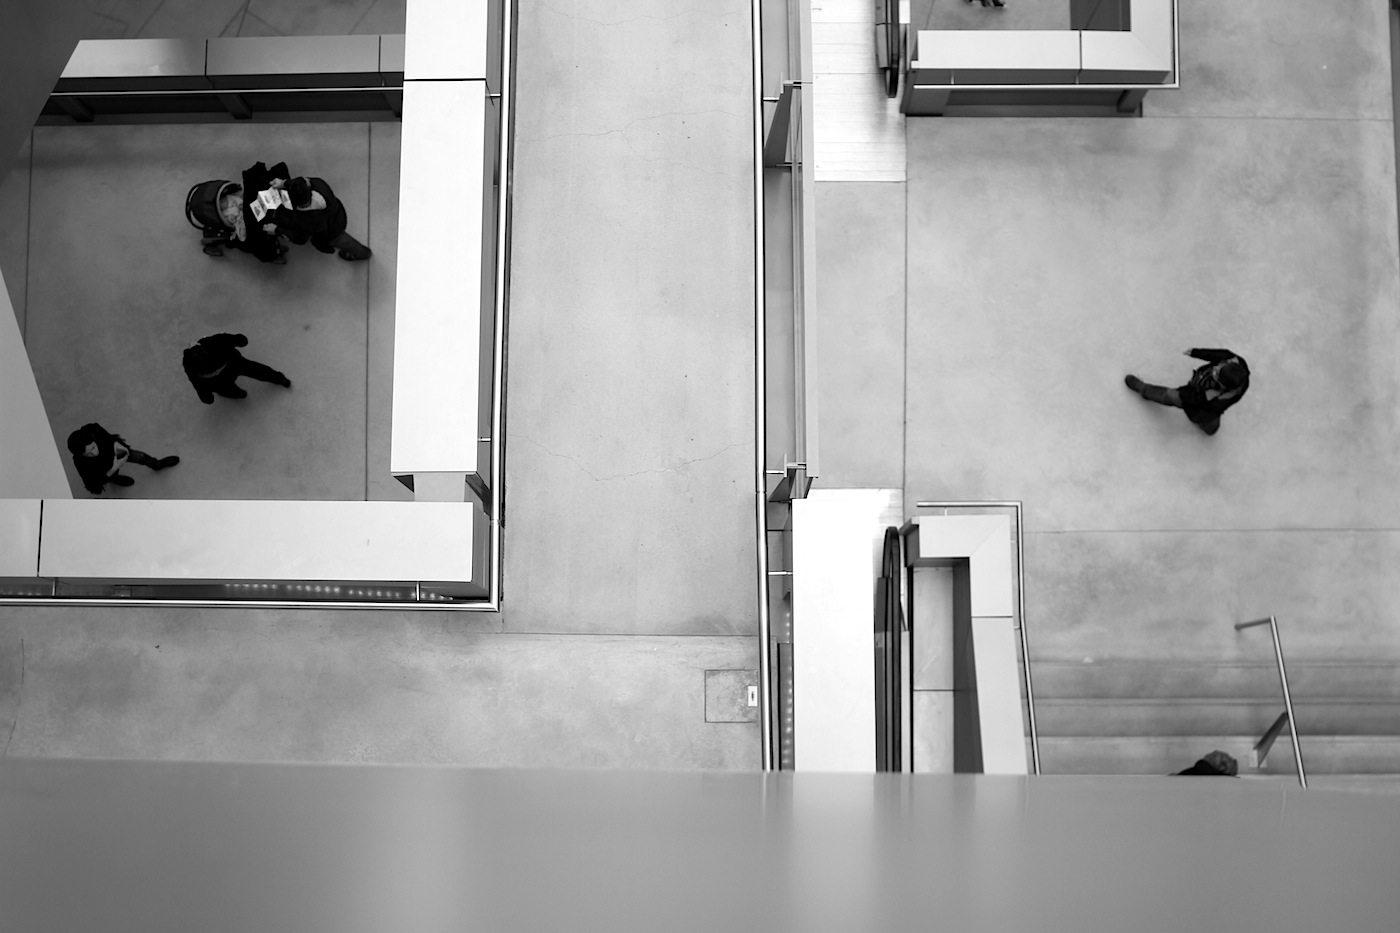 Blicke. Von Ebene 2 mit den Räumen für die Dauerausstellungen auf die Ebene 1 (Wechselausstellungen) geschaut.